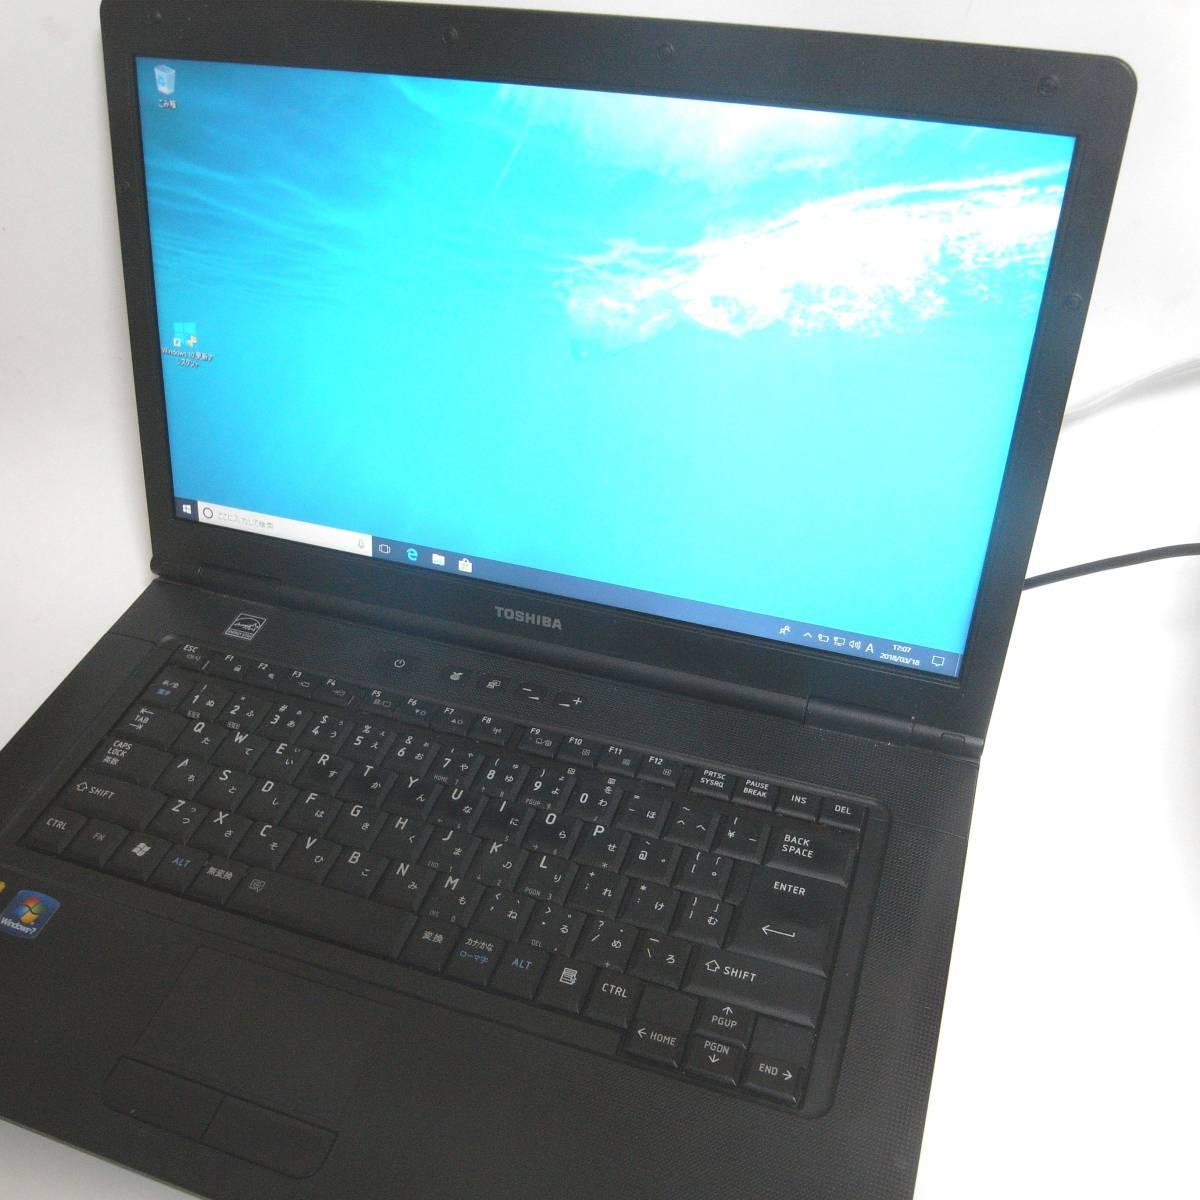 東芝 dynabook Satellite B550/B i3 2.53G メモリ2GB HD250G 15.6インチワイド DVDRW 内蔵バッテリー充電不可